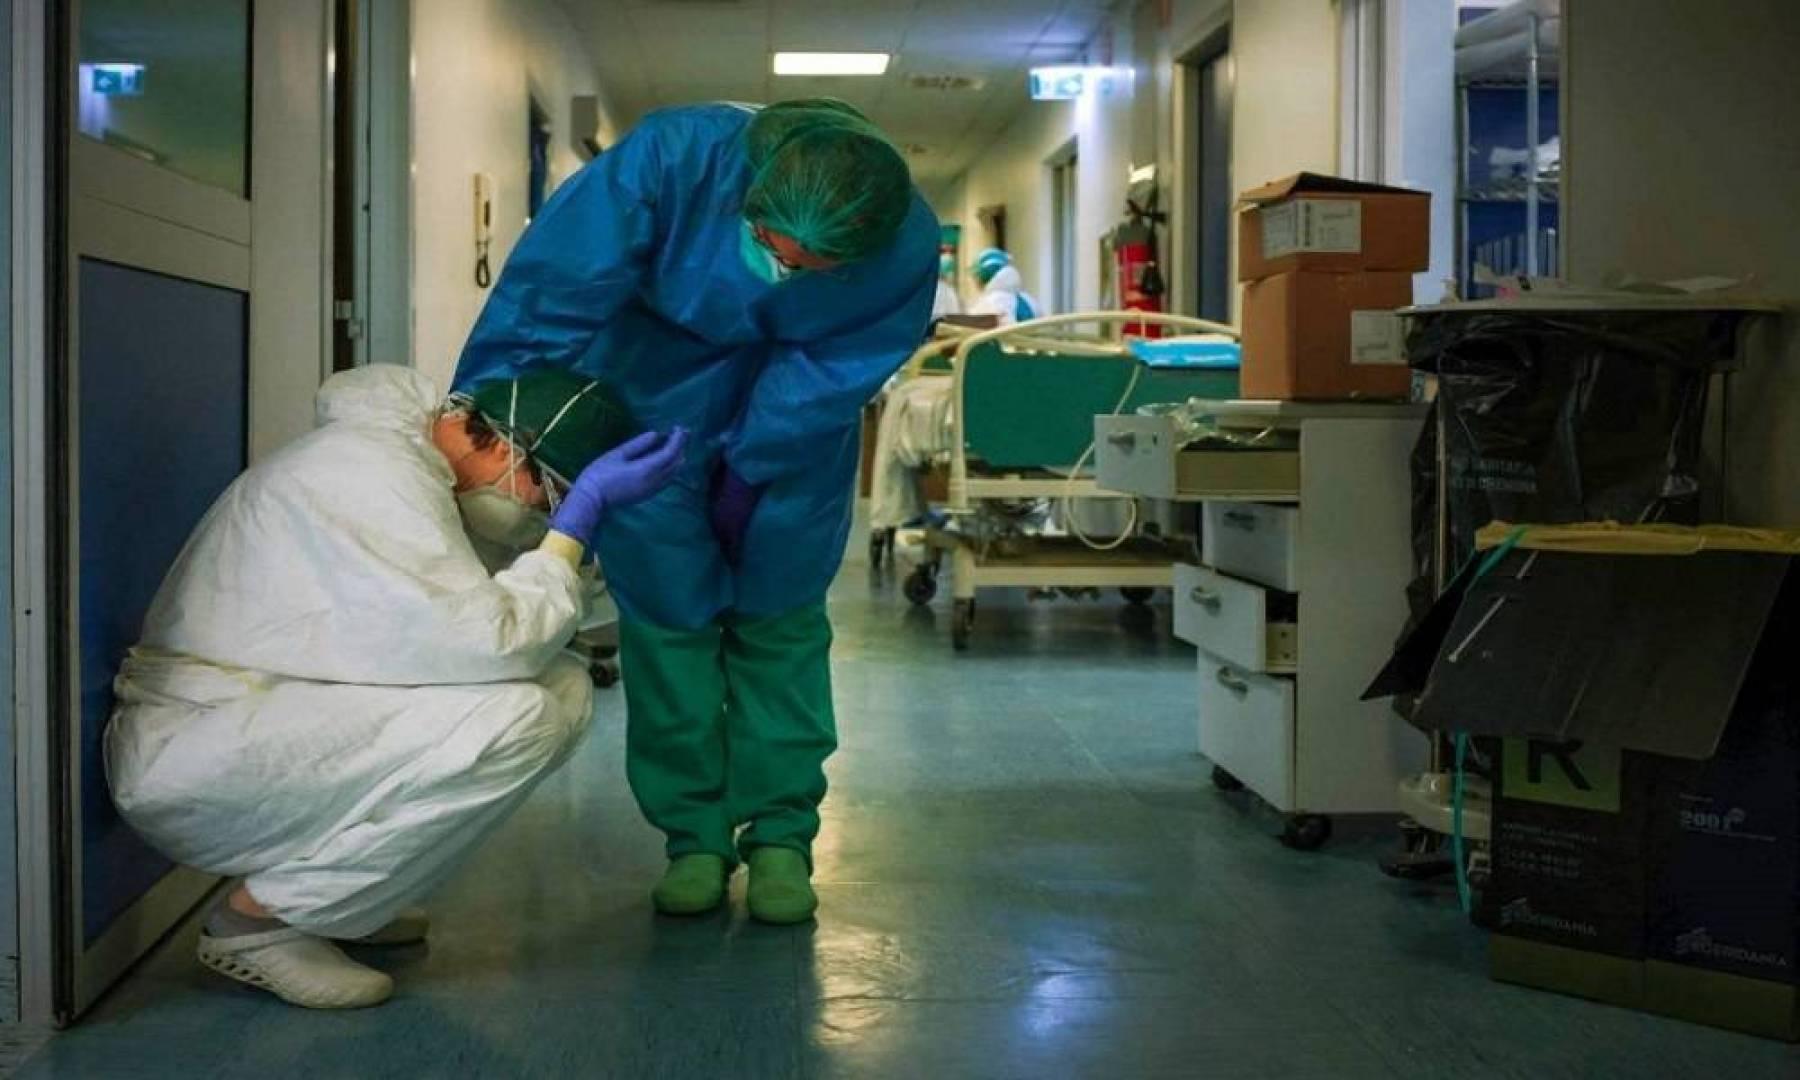 محاربو كورونا «الأطباء والممرضات» قد يكونون عرضة للاكتئاب